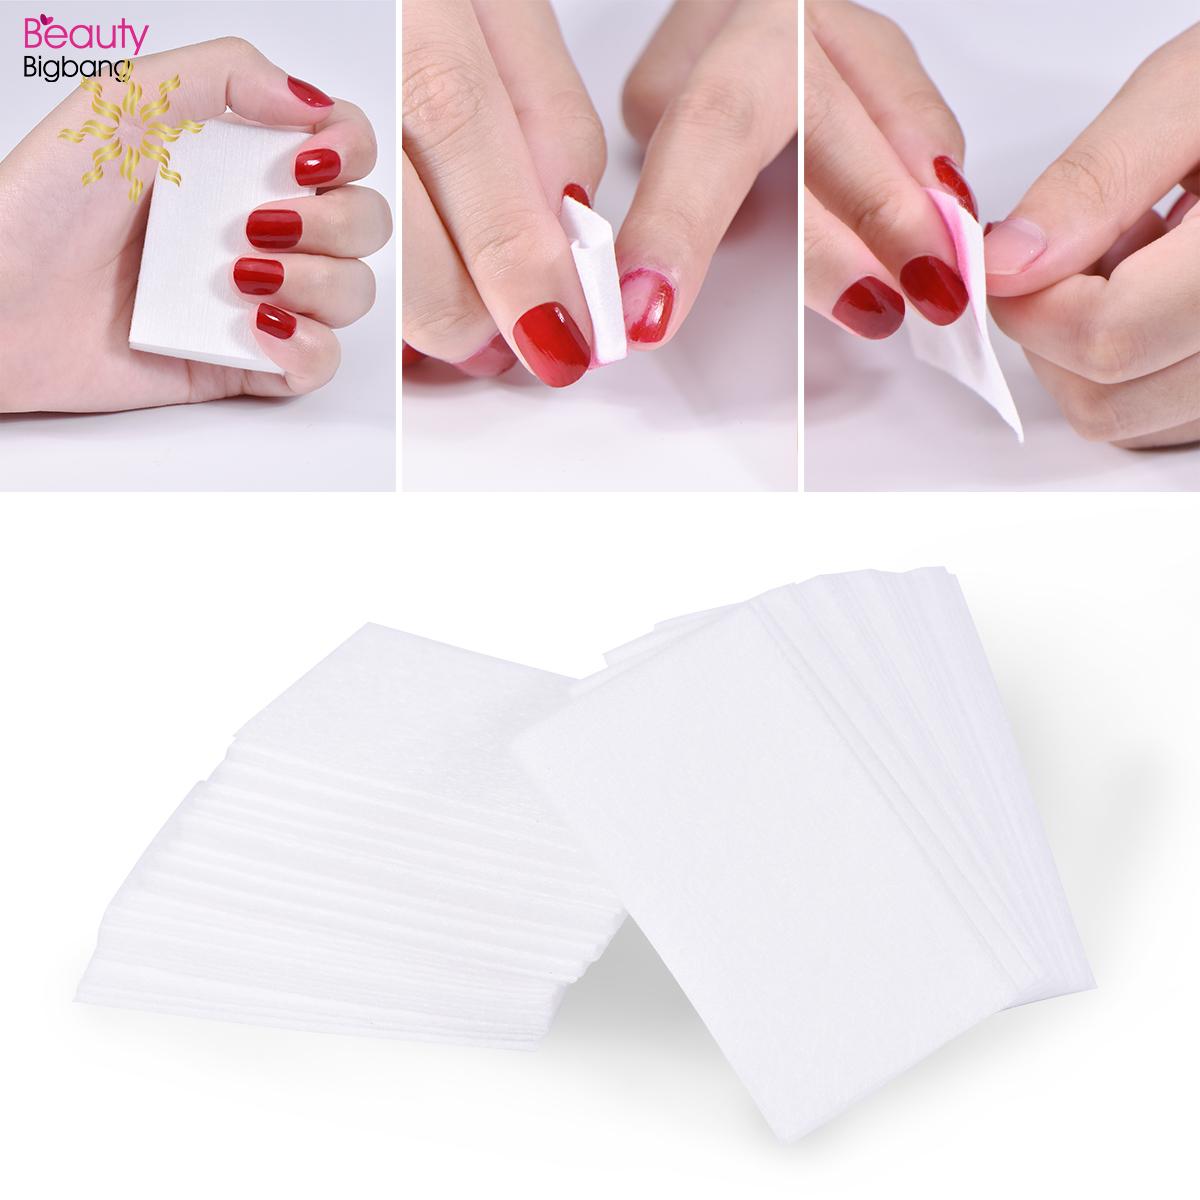 Bộ 100 miếng bông làm từ 100% cotton chuyên dụng chùi sơn móng tay